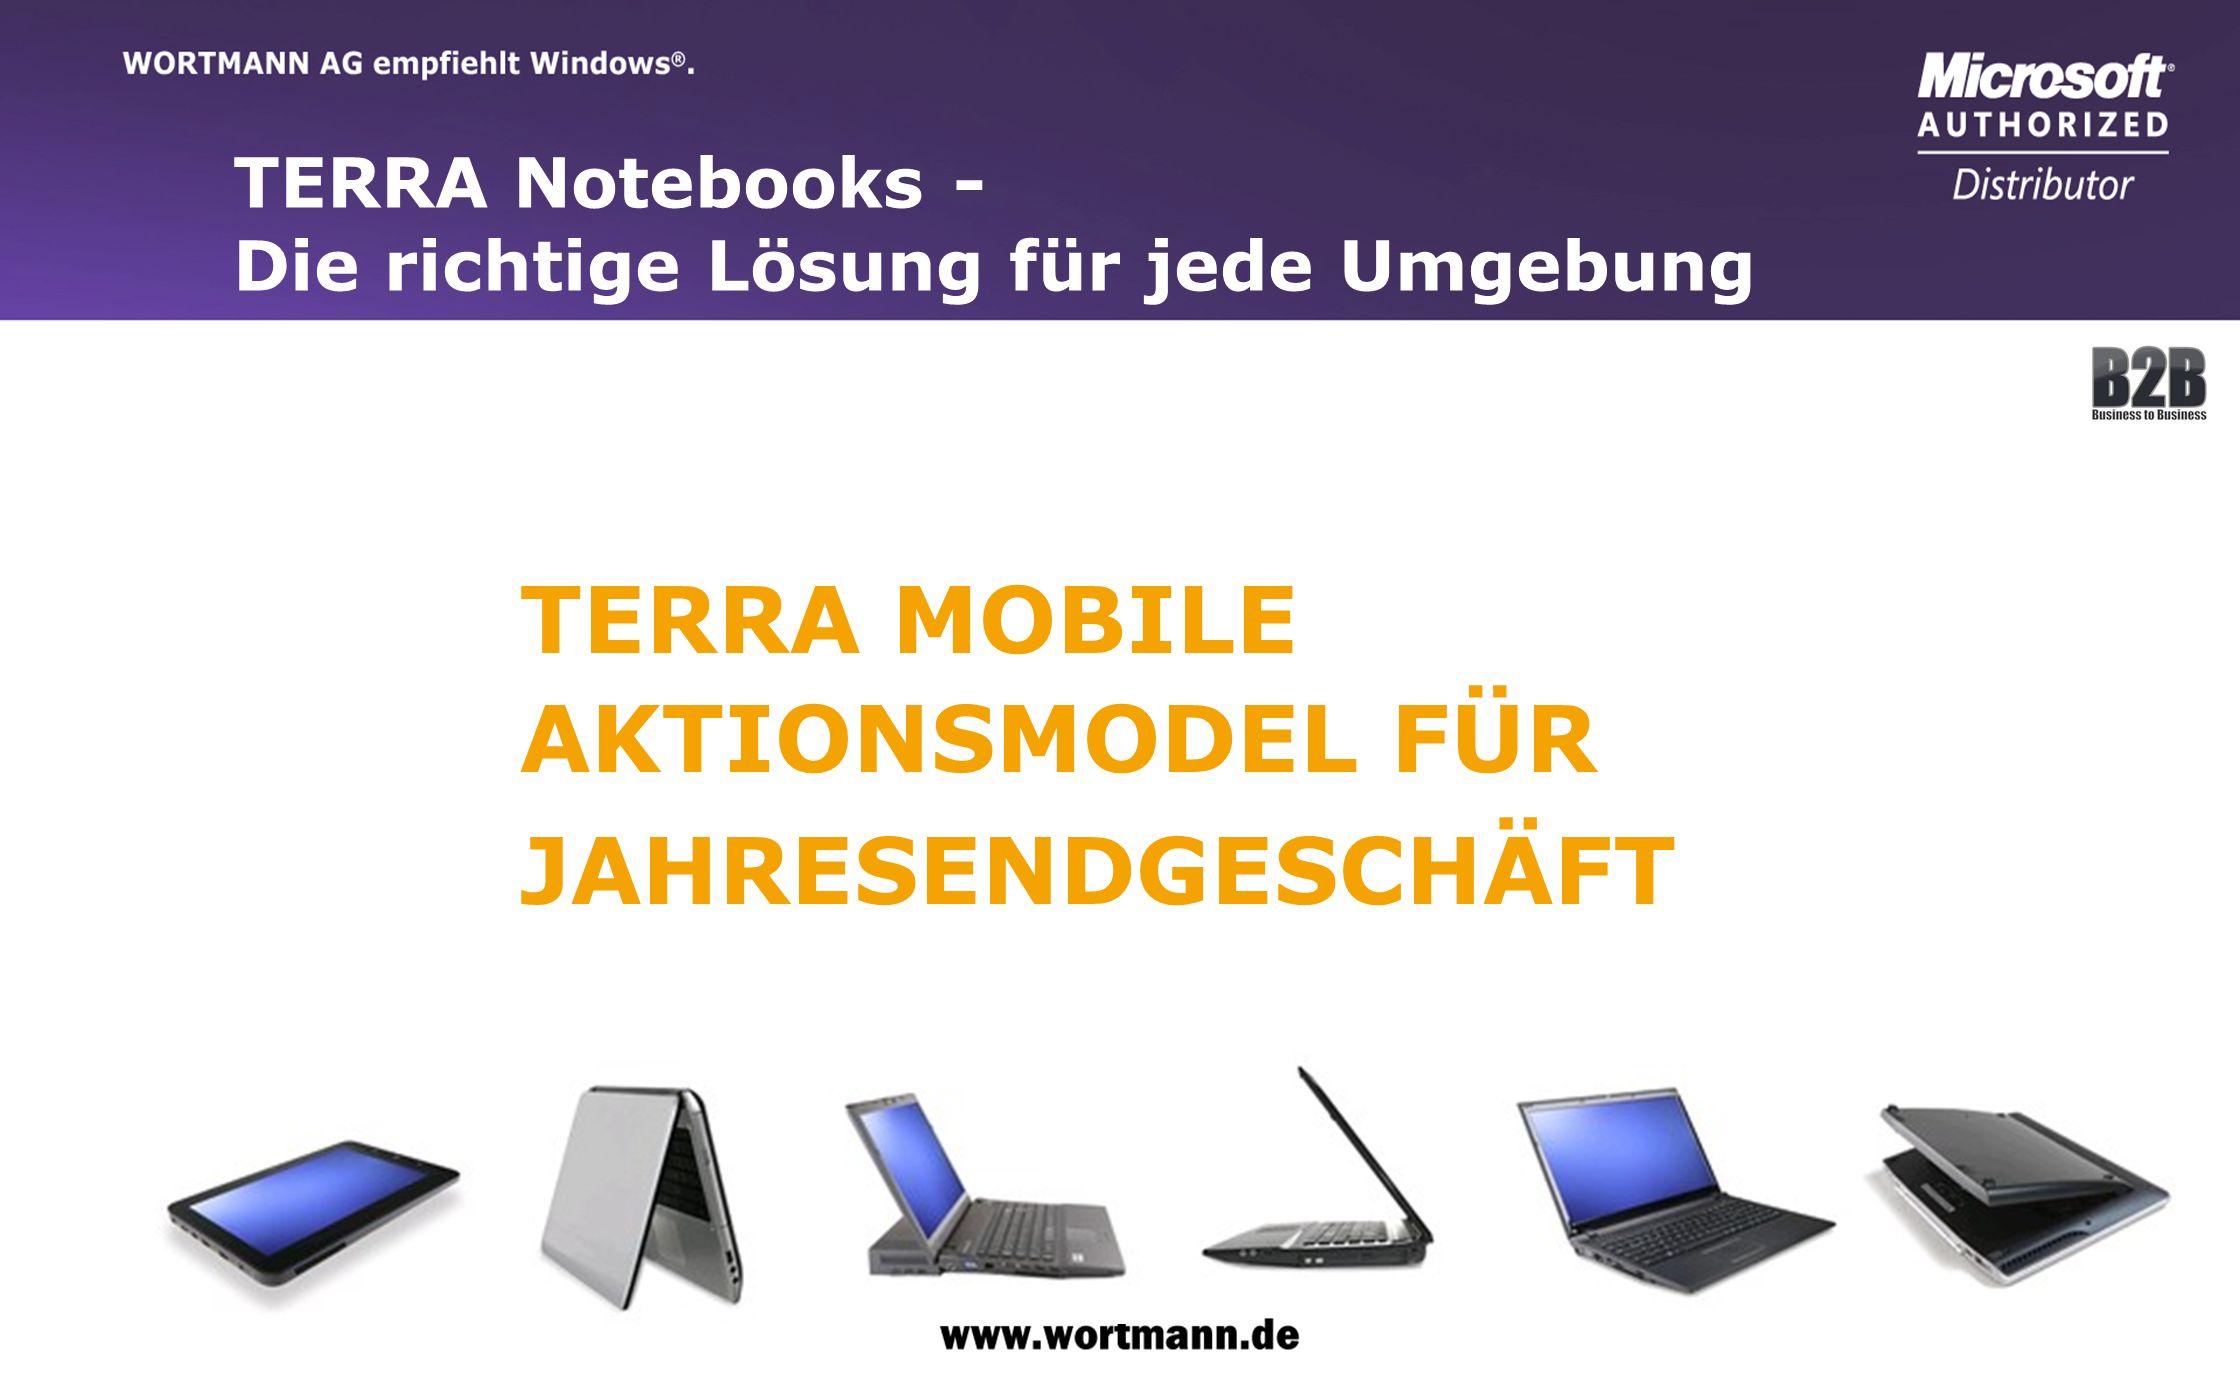 www.wortmann.de TERRA Notebooks - Die richtige Lösung für jede Umgebung TERRA MOBILE AKTIONSMODEL FÜR JAHRESENDGESCHÄFT